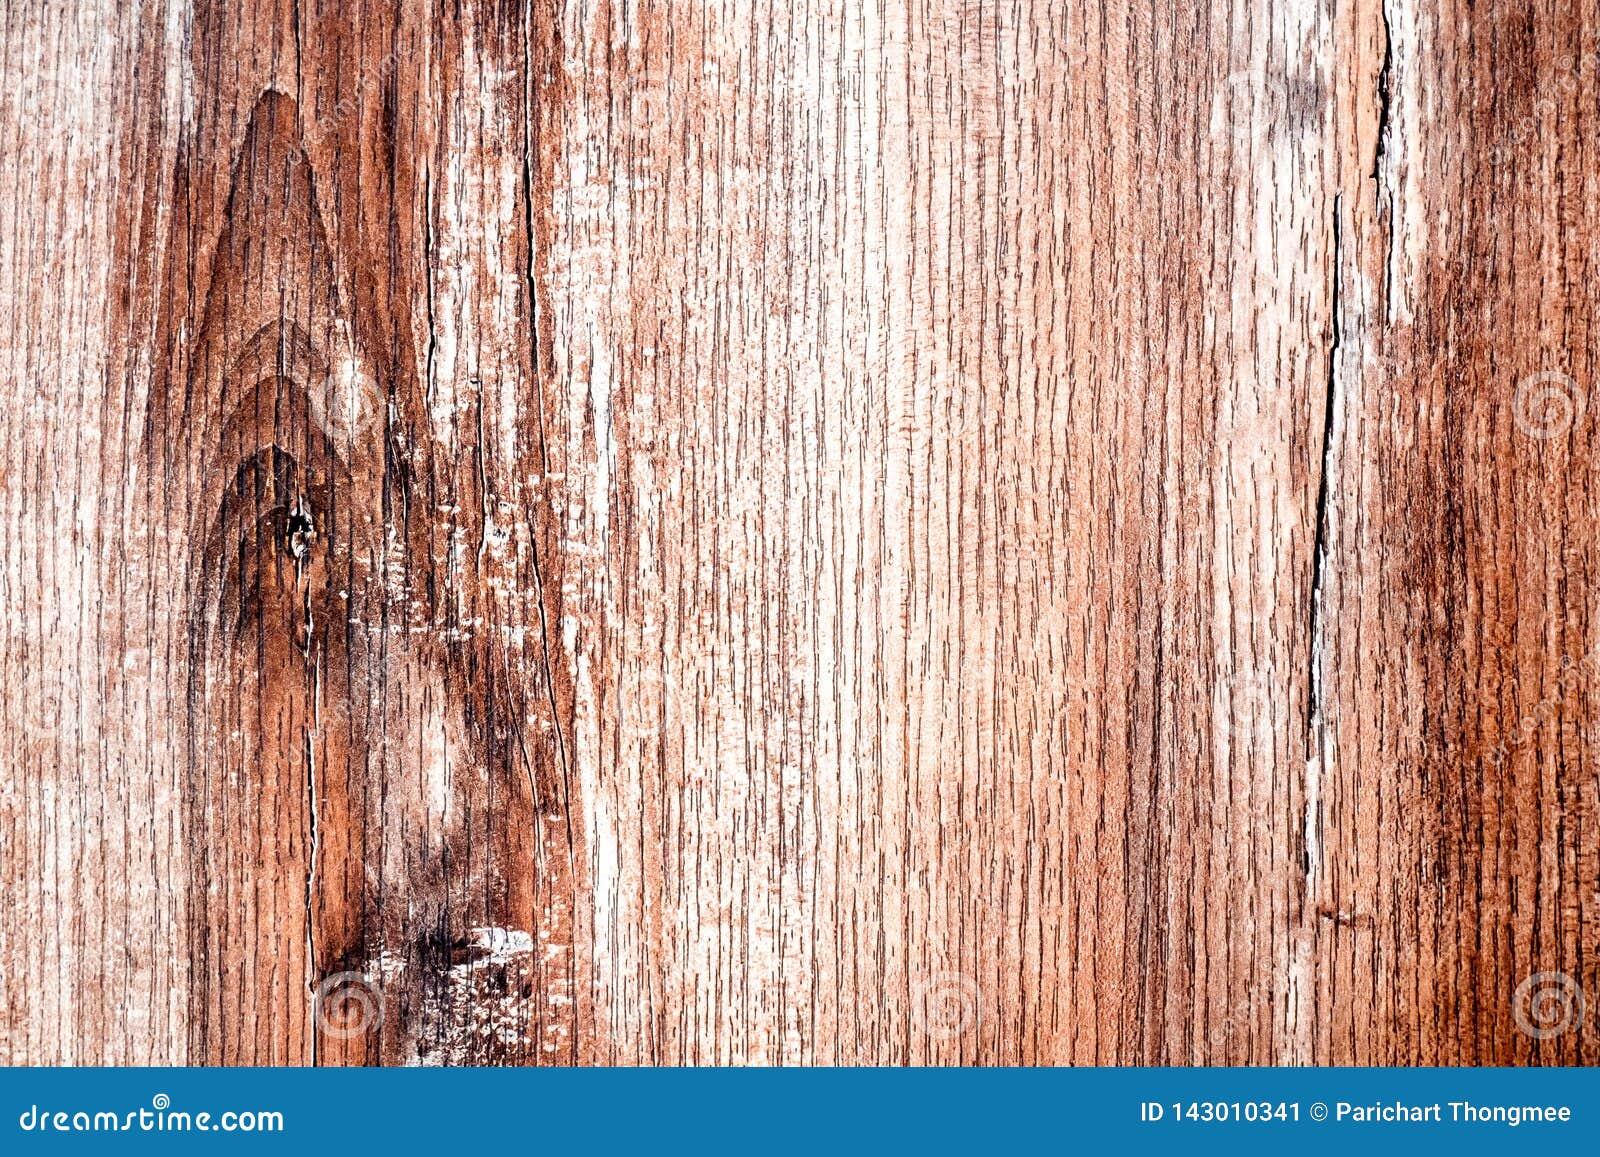 Ξύλινη σύσταση, ξύλινο υπόβαθρο σιταριού σανίδων, γραφείο στη στενή επάνω, ριγωτή ξυλεία προοπτικής, τον παλαιό πίνακα ή τον πίνα